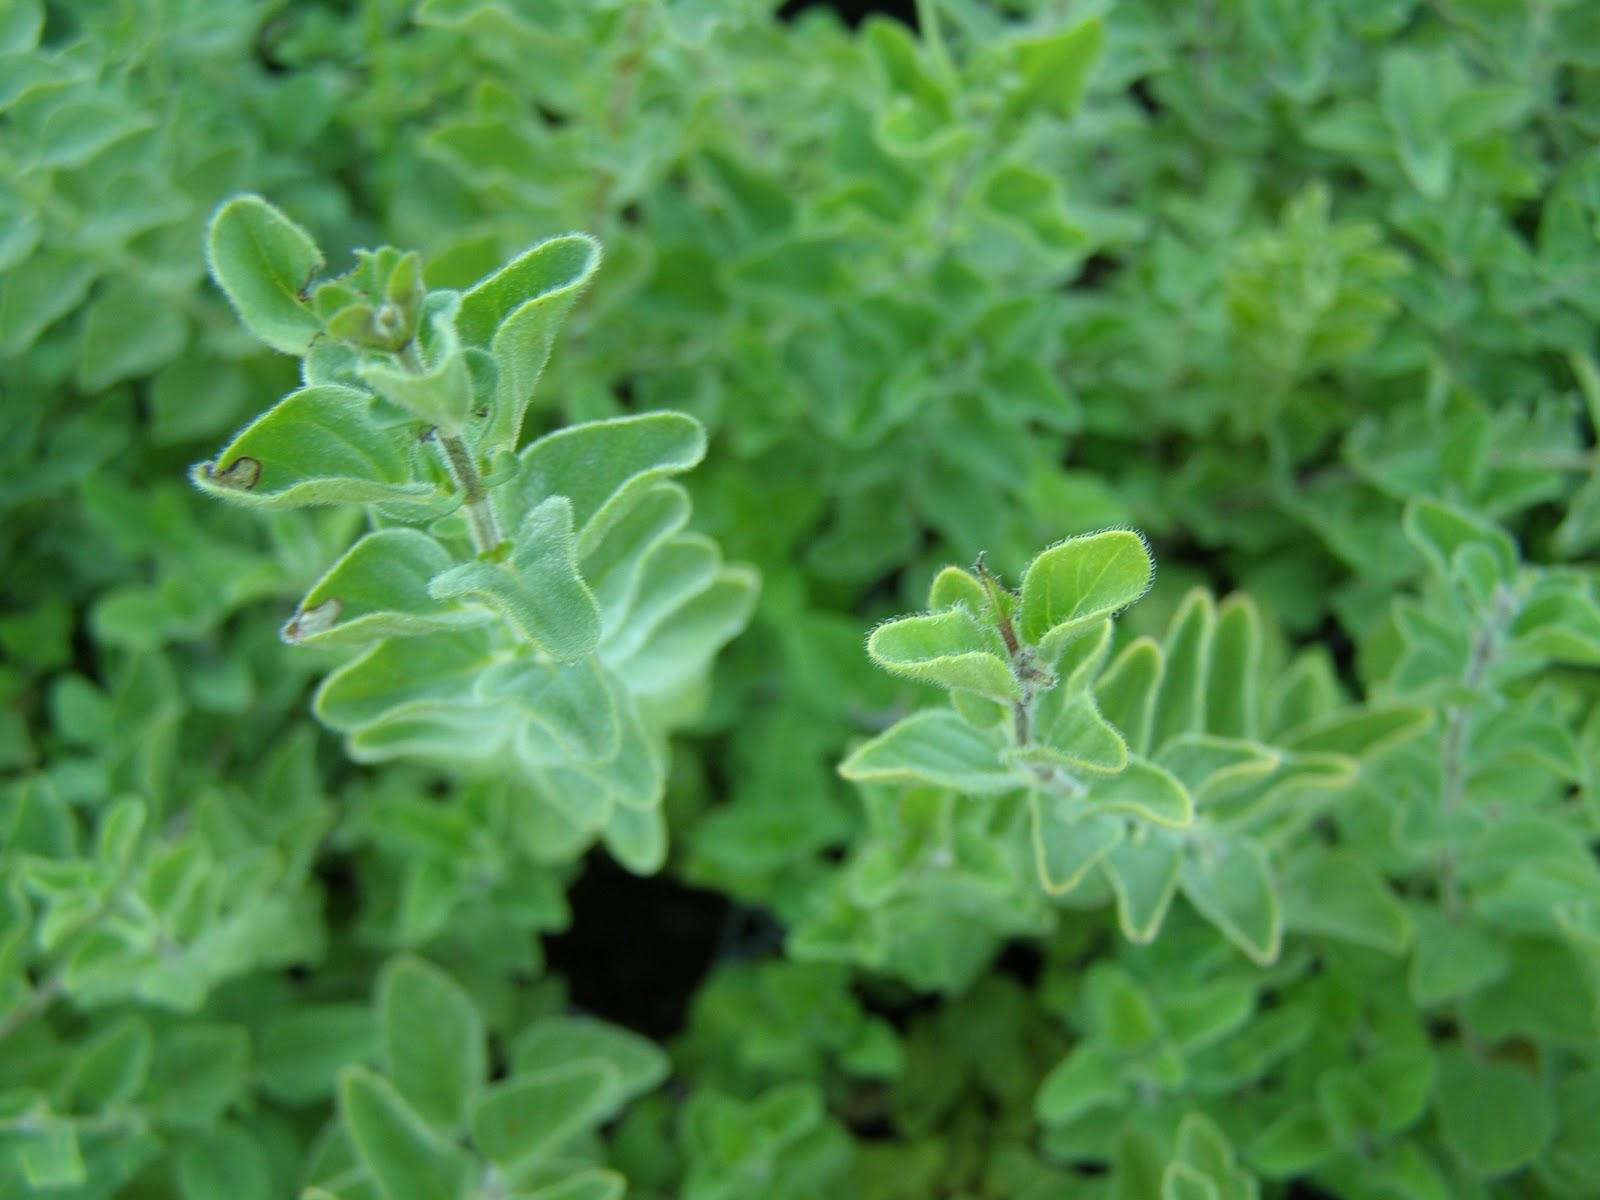 Φυτώρια άκης καλλιανίδης